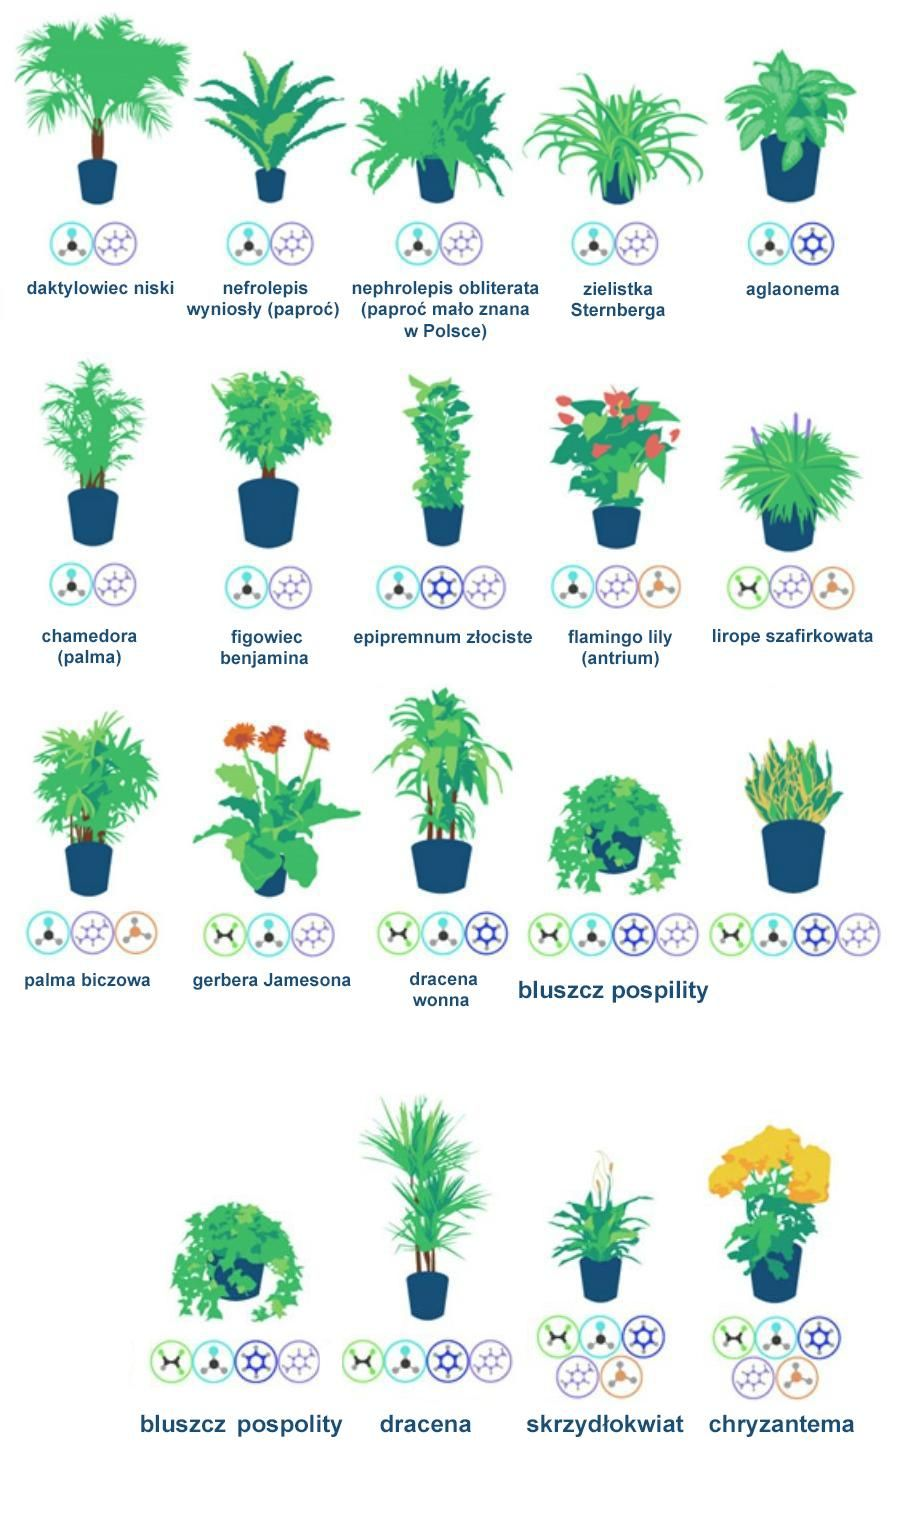 18 Roslin Ktore Oczyszcza Powietrze W Twoim Mieszkaniu Air Cleaning Plants Air Filtering Plants Plants